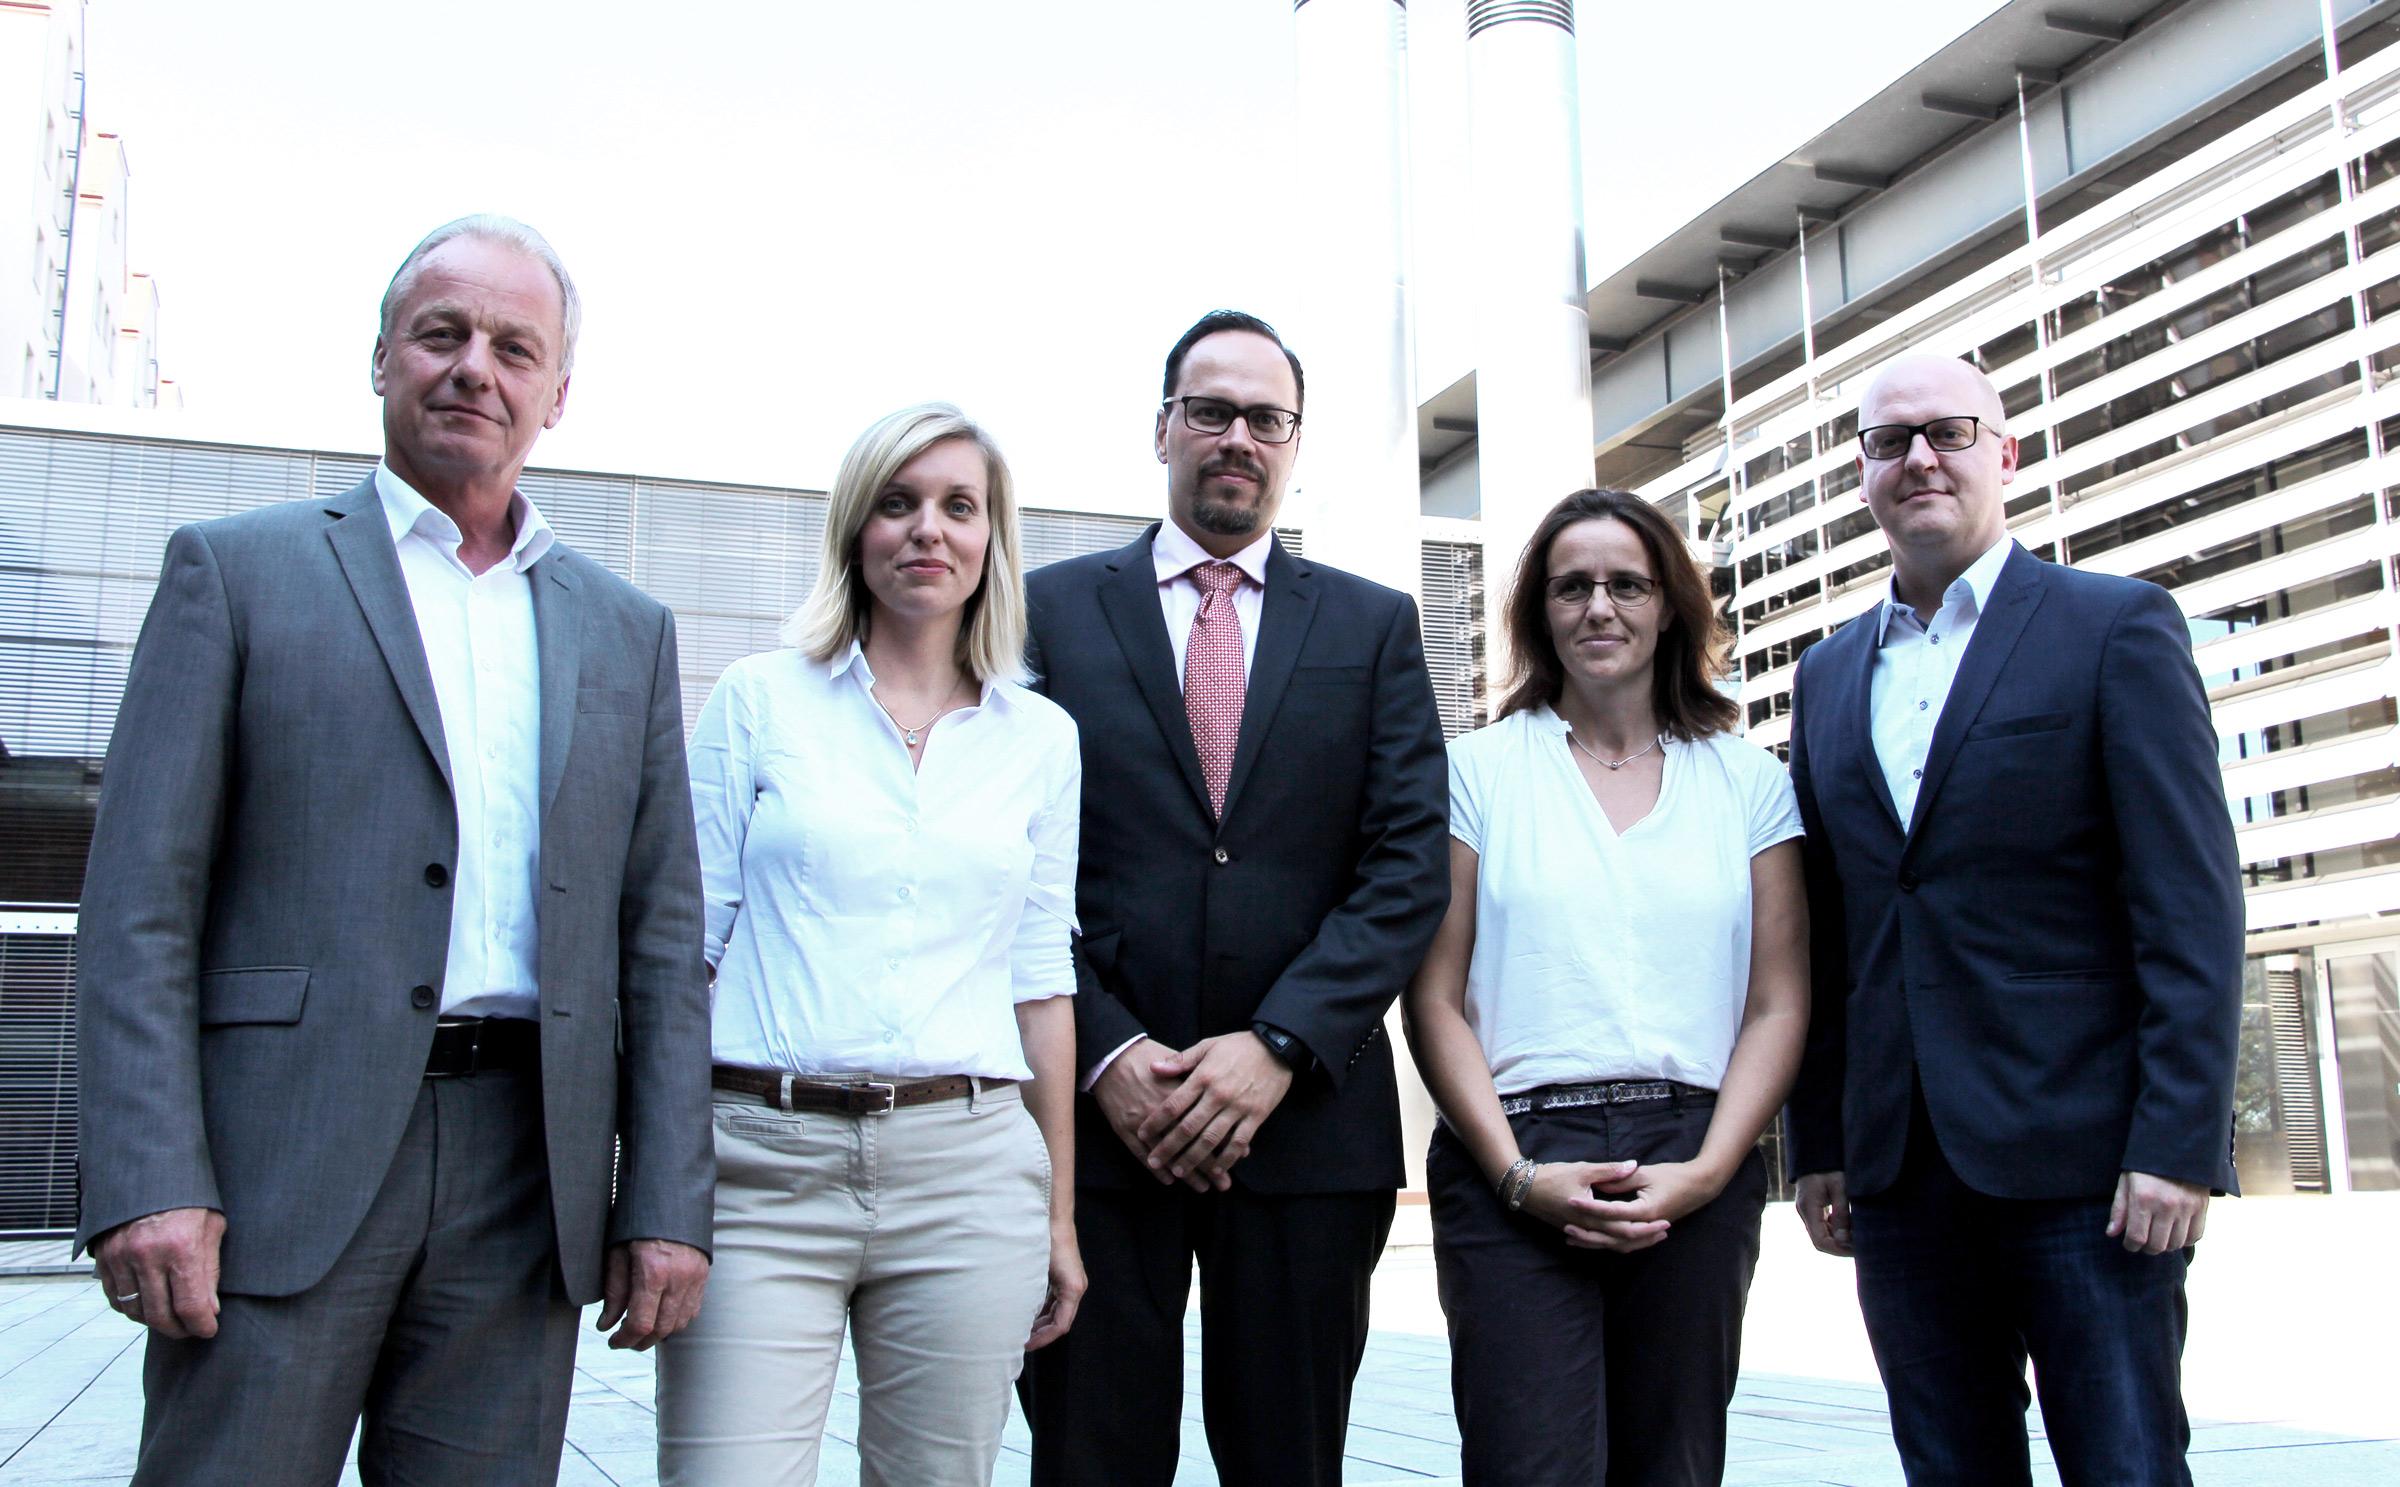 Dirk Panter als Fraktionsvorsitzender wiedergewählt